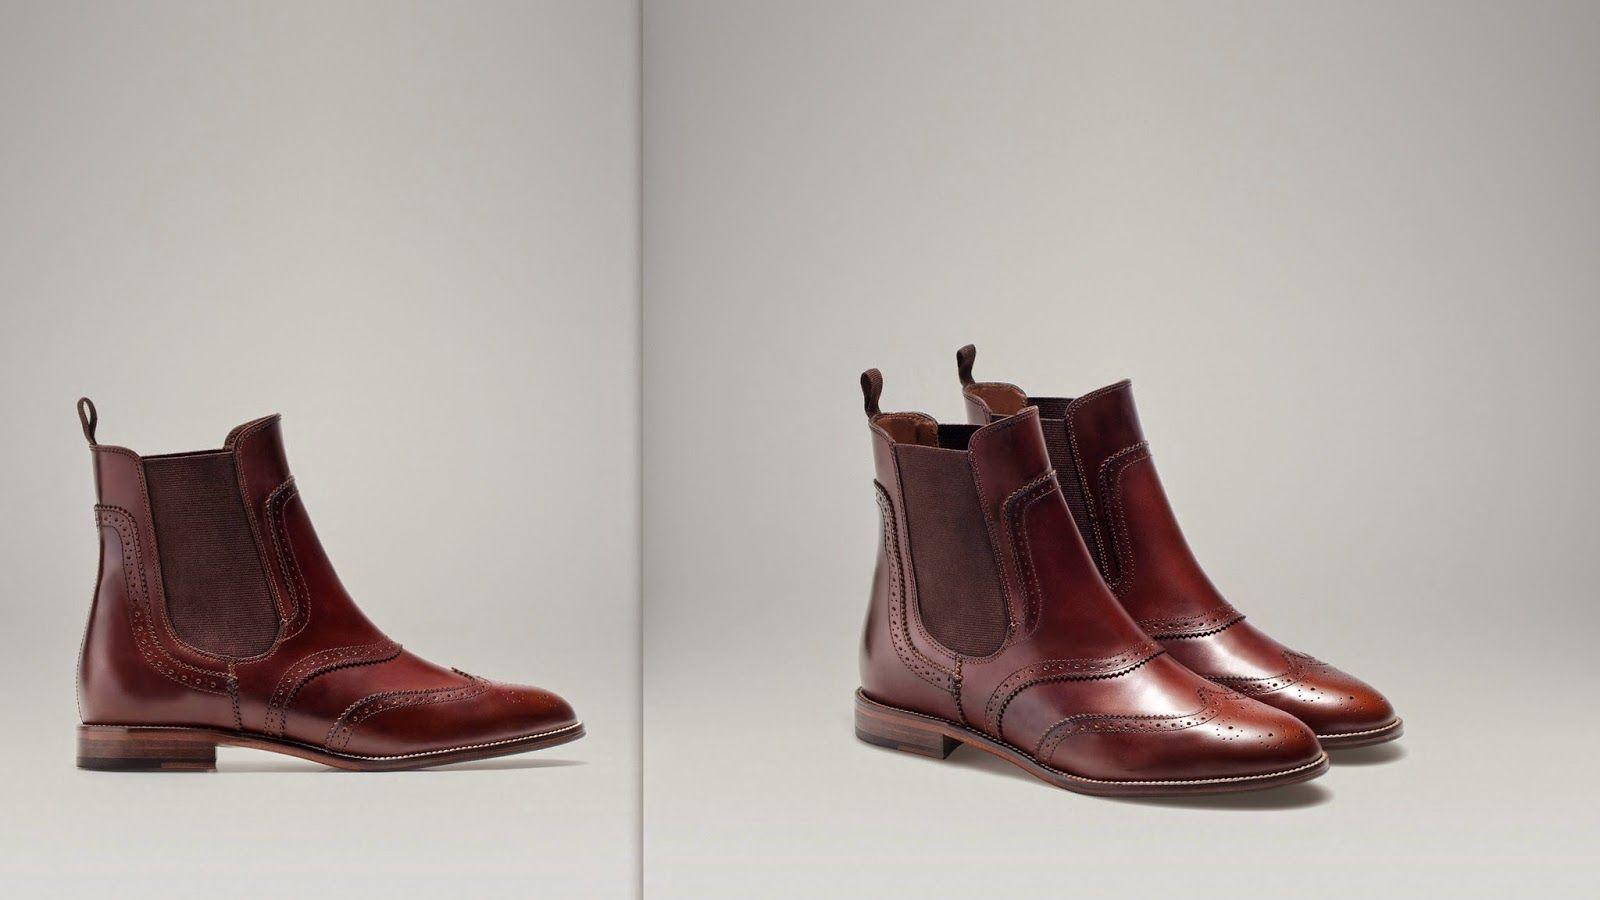 Buty Na Zime Jak Nosic Jak Zestawiac Czyli Krotkie Compendium Wiedzy O Zimowym Obuwiu Cz 2 Shoes Ankle Boot Boots